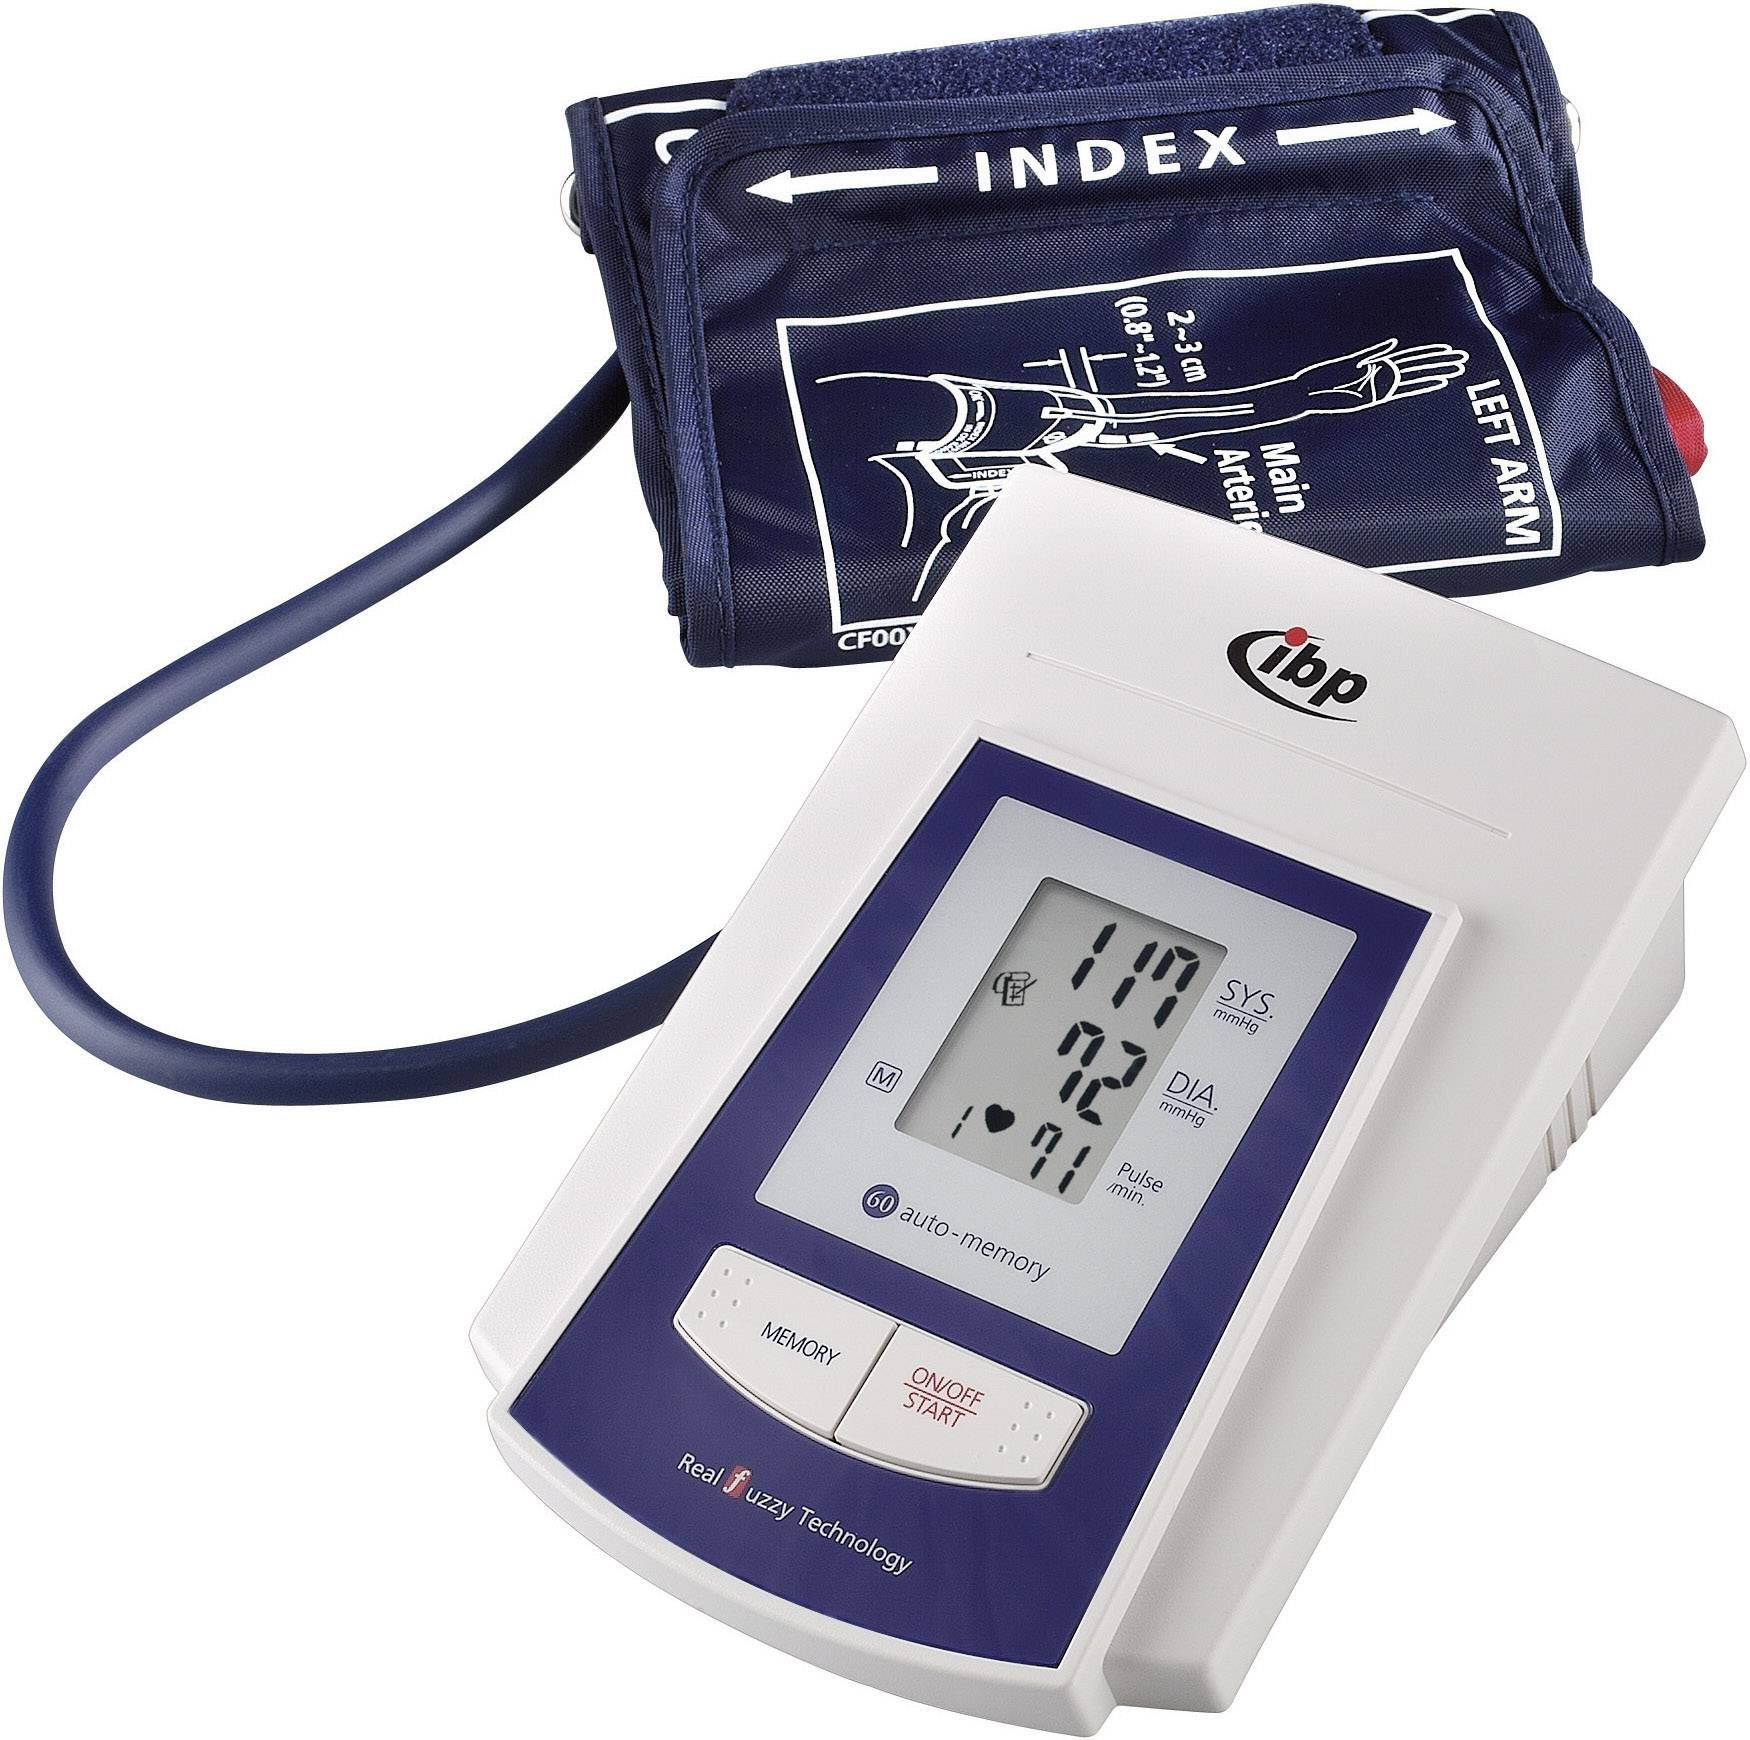 Měřiče krevního tlaku